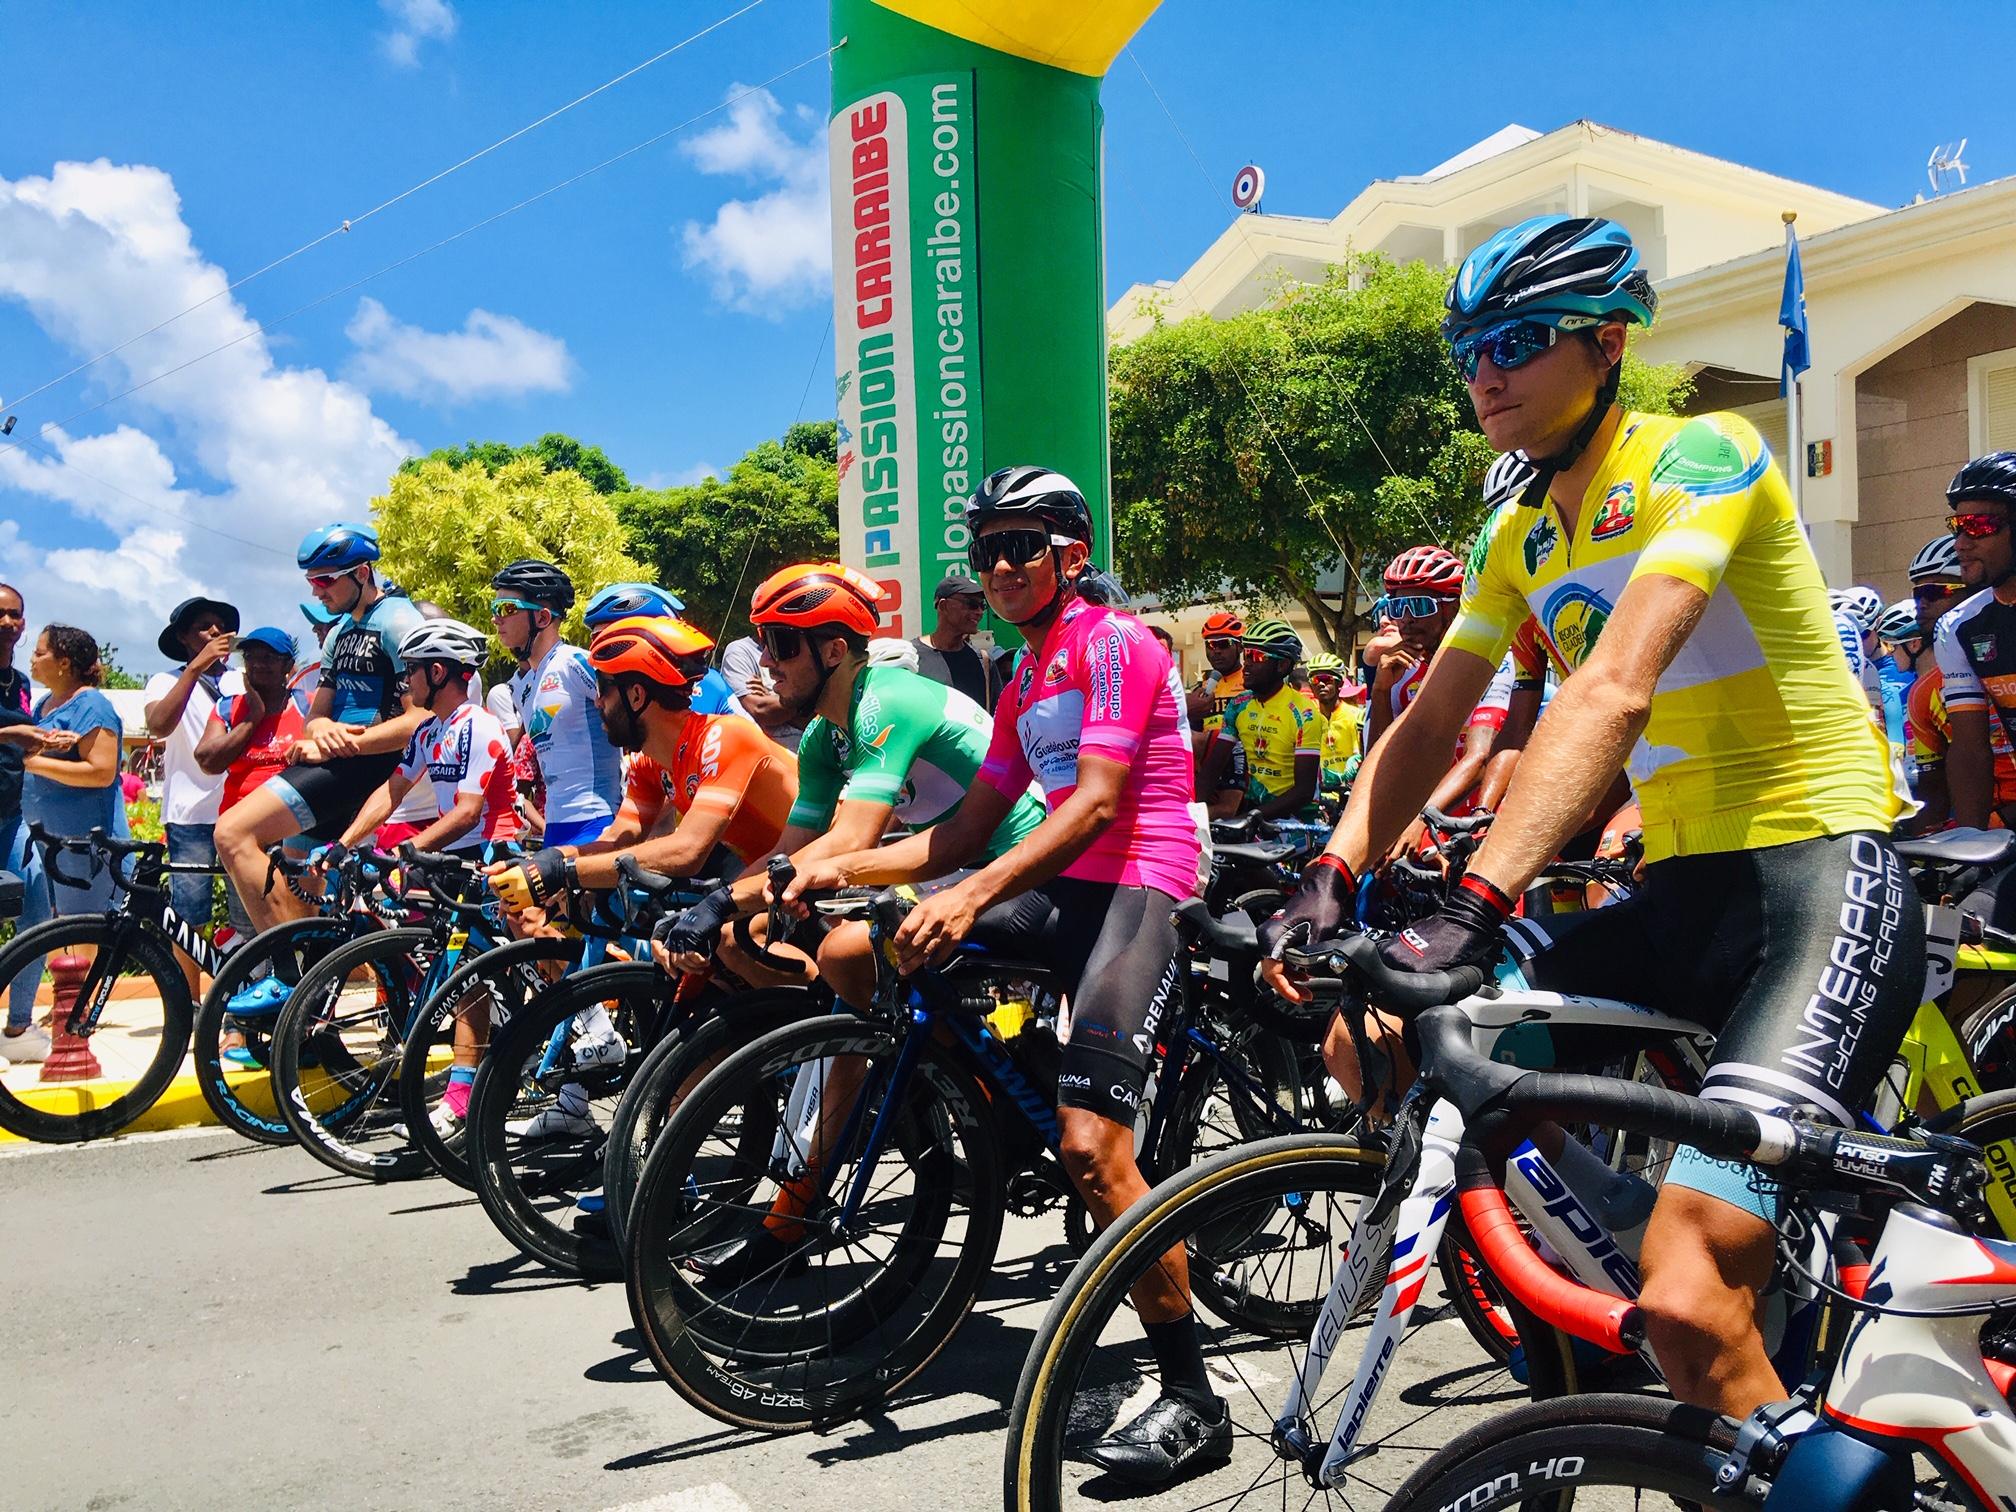 Larpe gagne aux Abymes, le Tour pour Guillonnet. Revivez l'ultime étape du Tour 2019